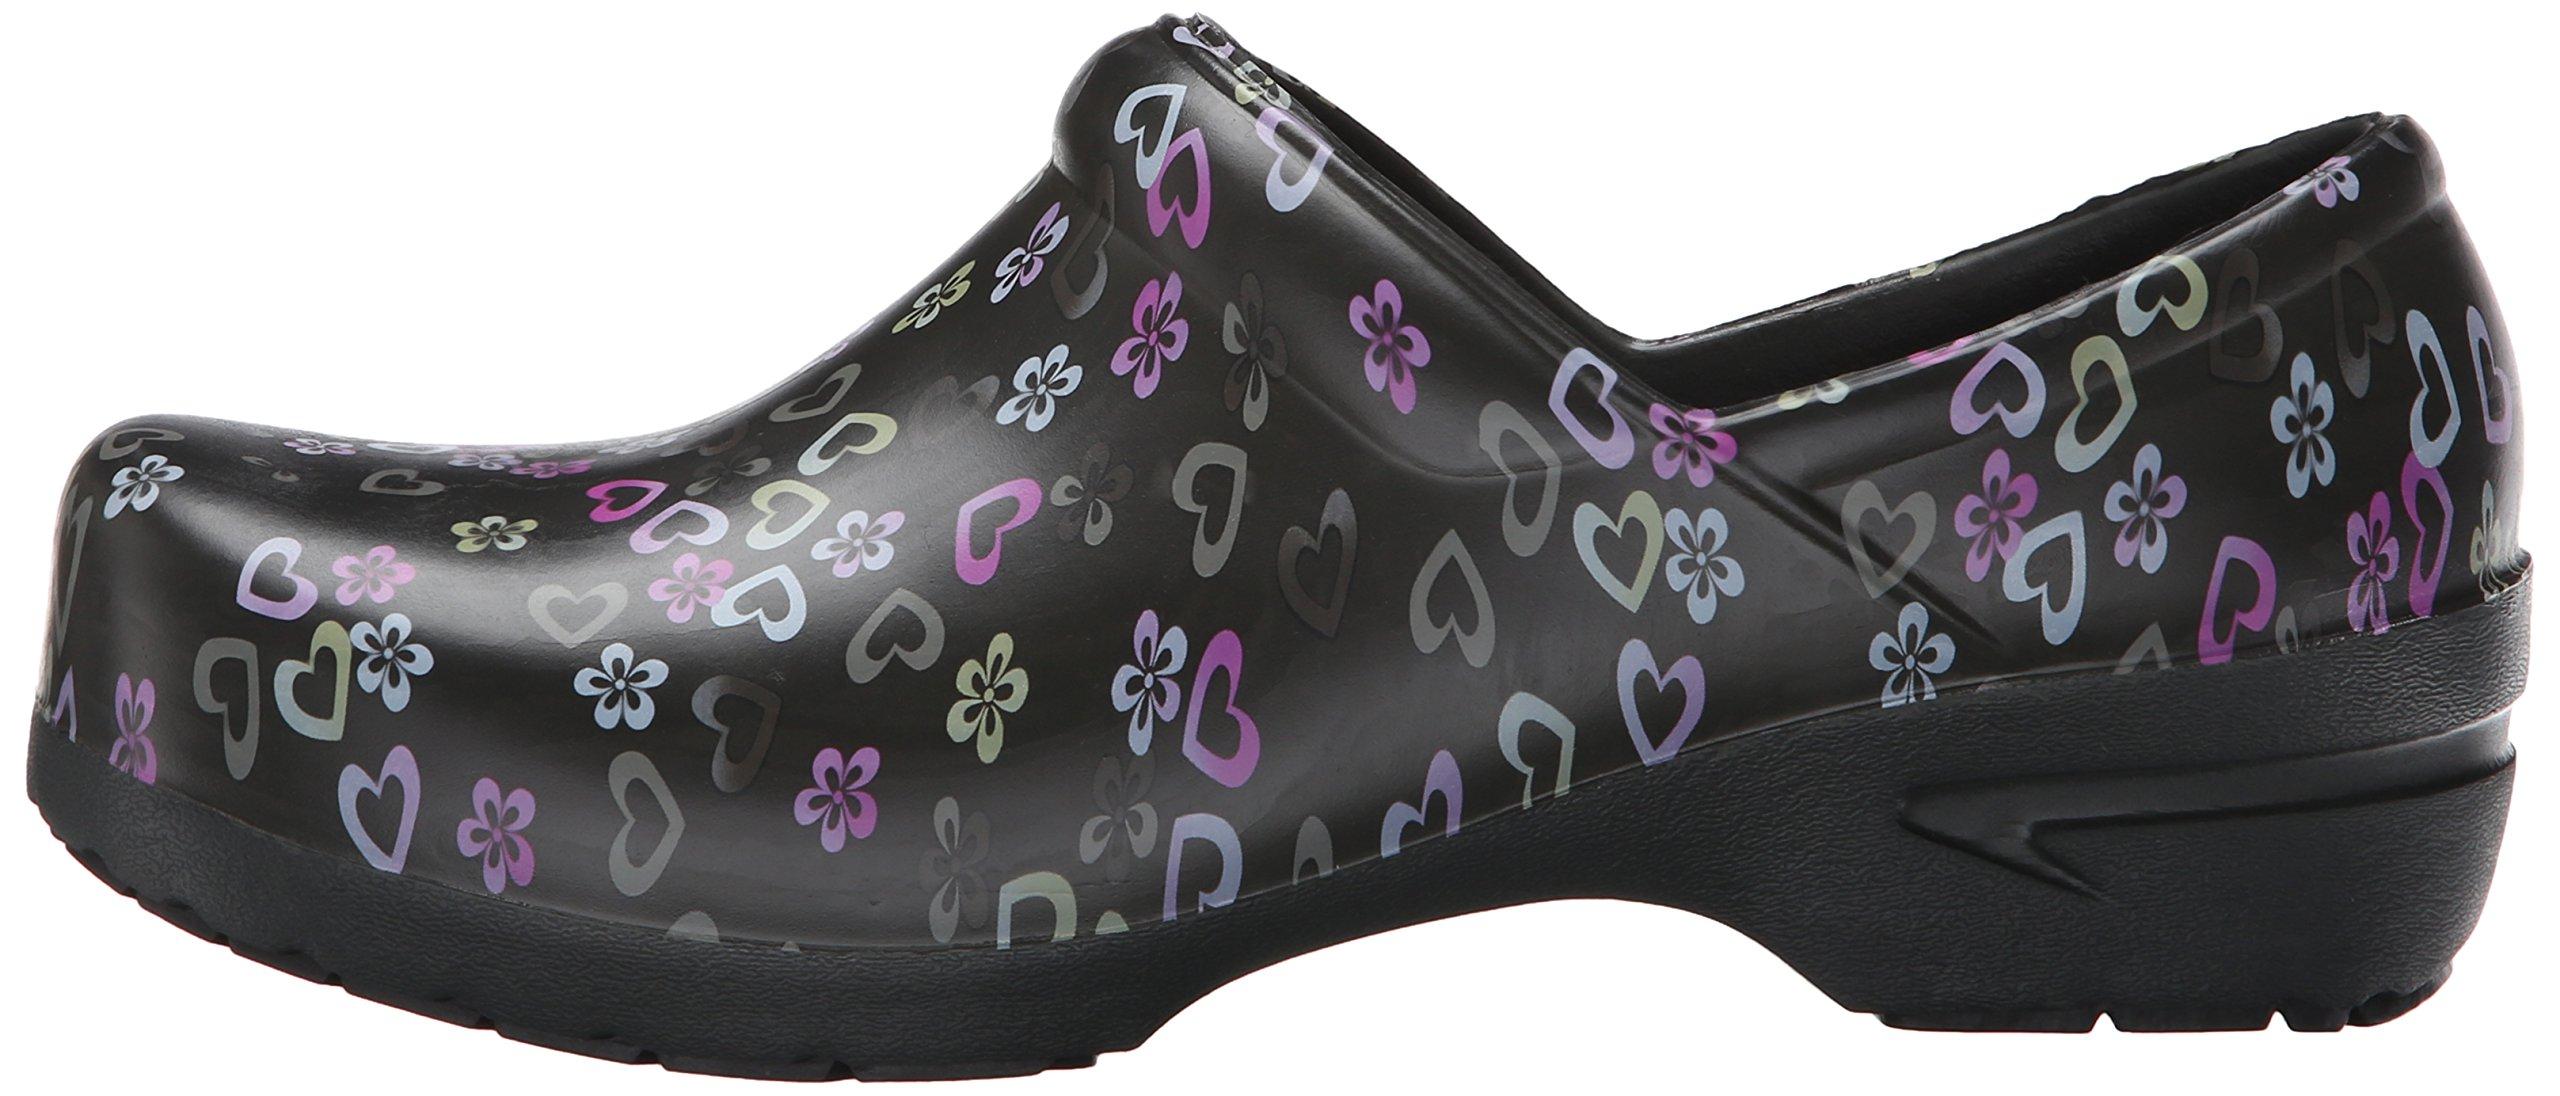 Anywear Women's Srangel Work Shoe, Lucky in Love, 7 M US by Anywear (Image #5)